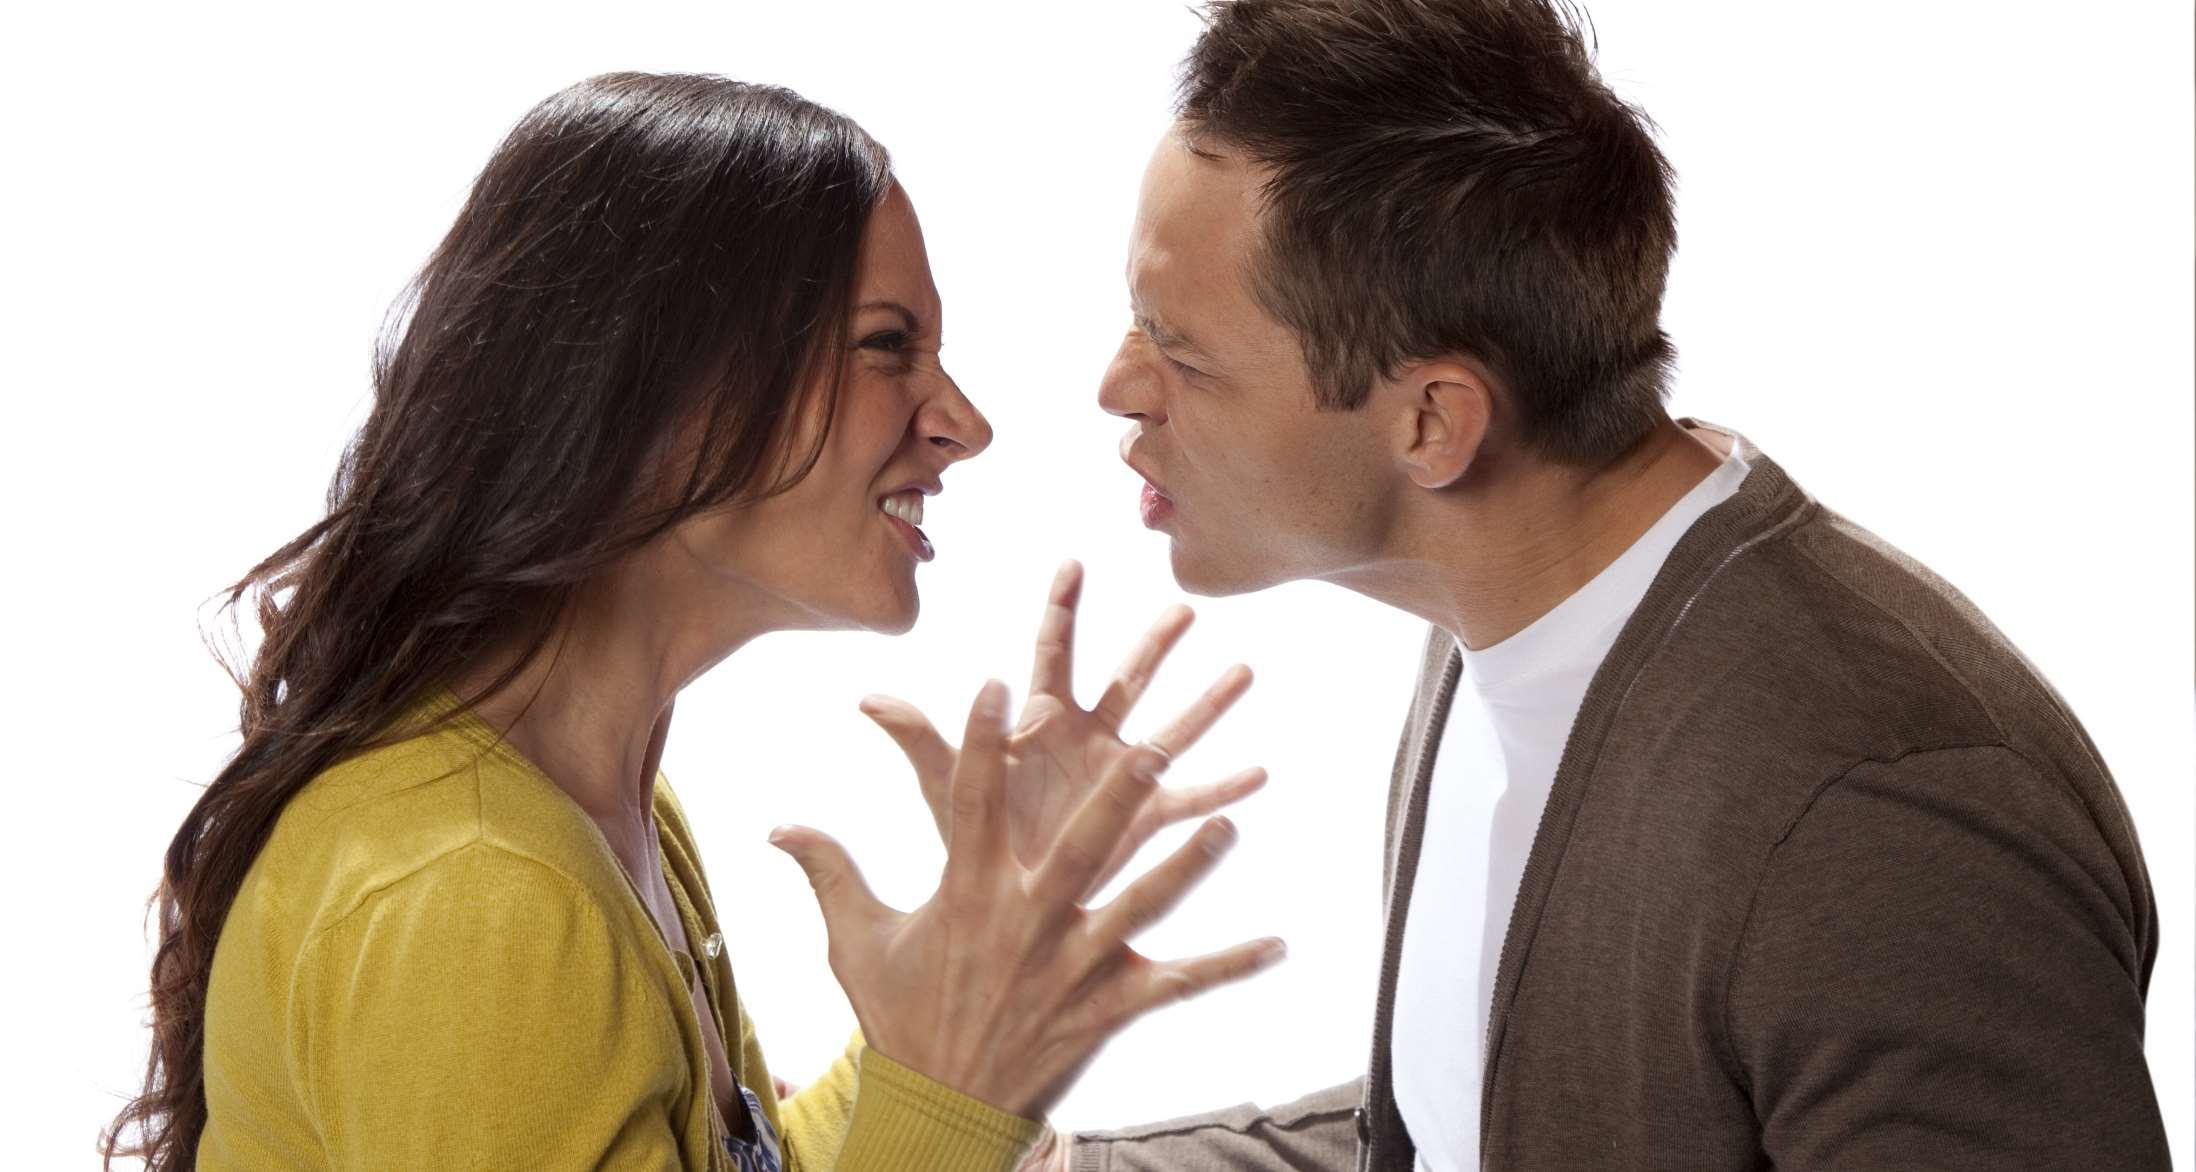 suuseksi video naisten ejakulointi